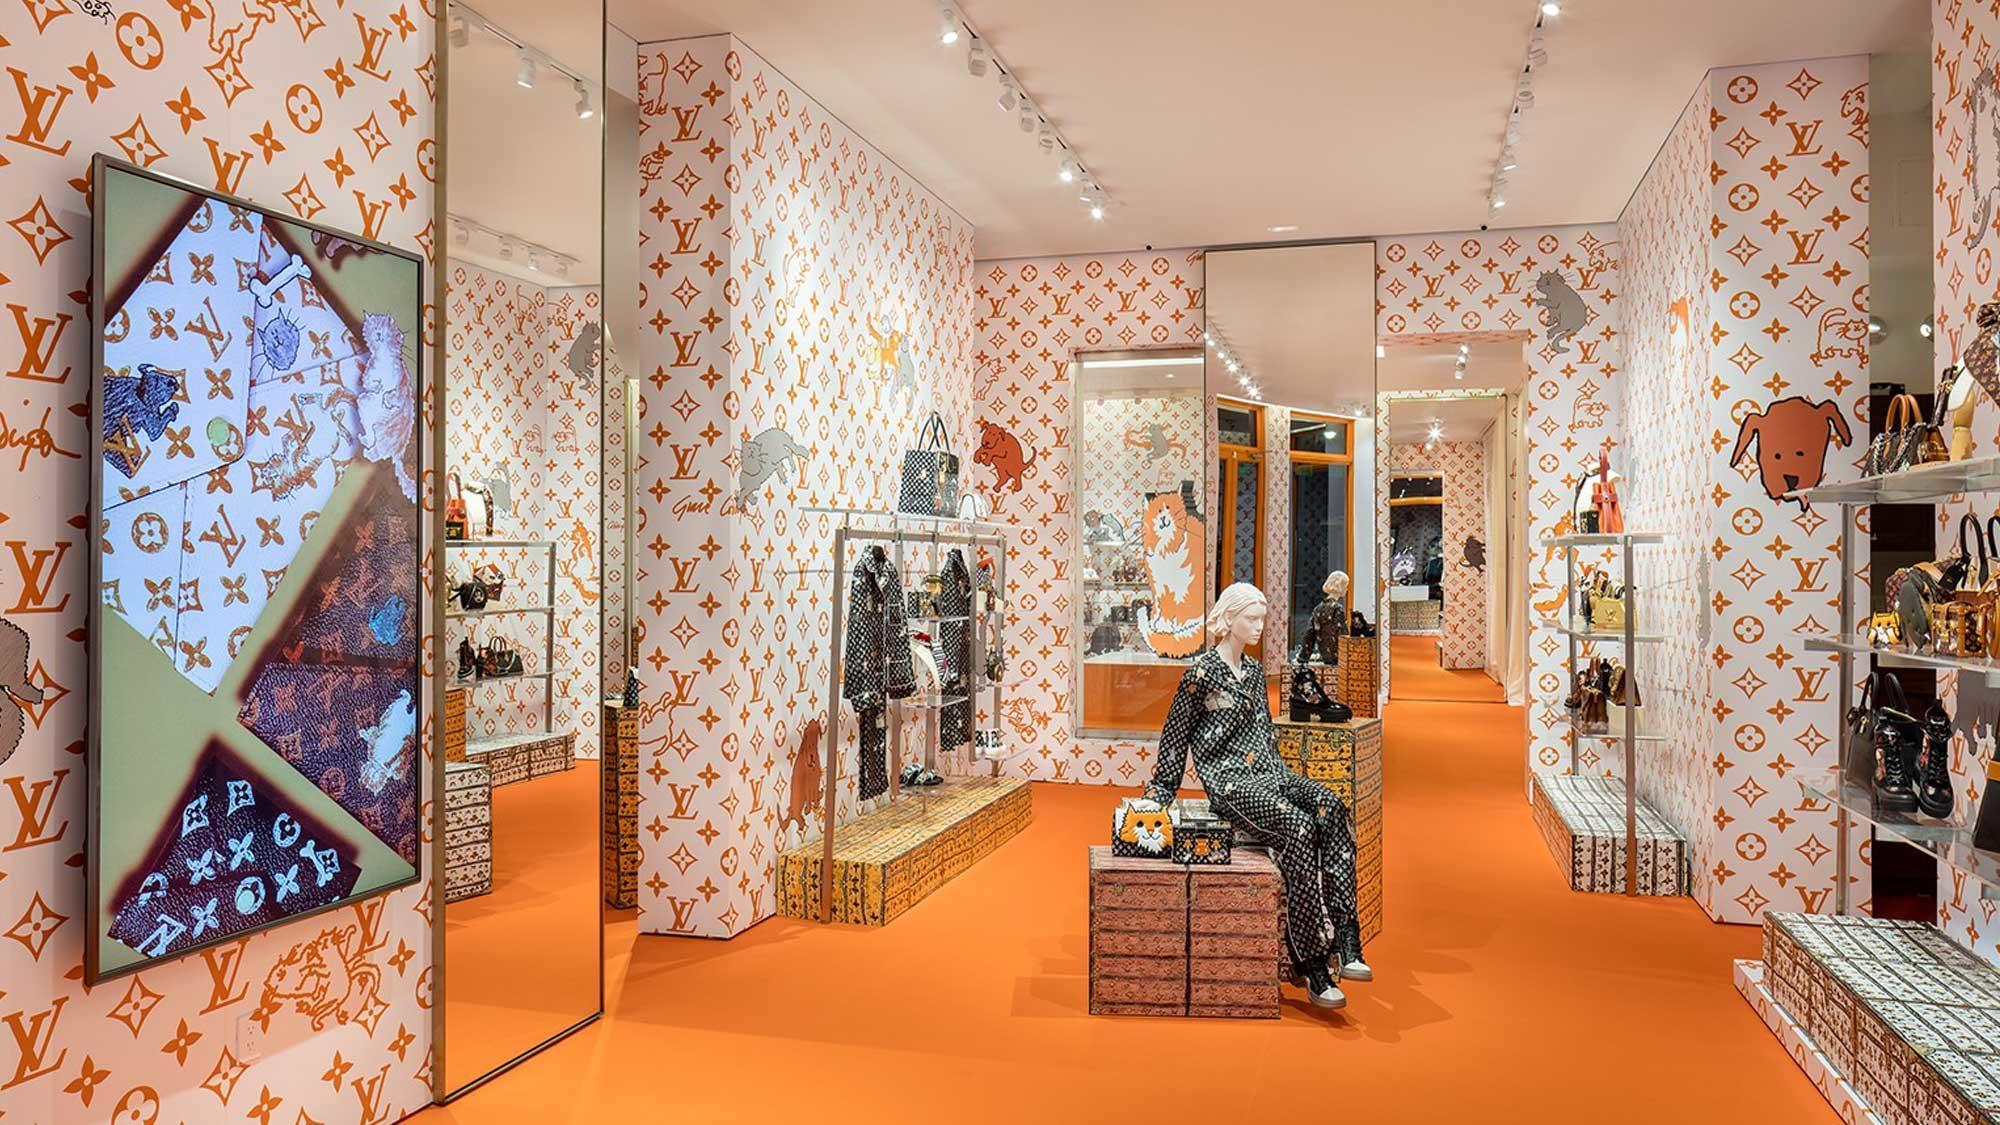 Louis Vuitton x Grace Coddington New York Pop-Up (CLOSED) image 0